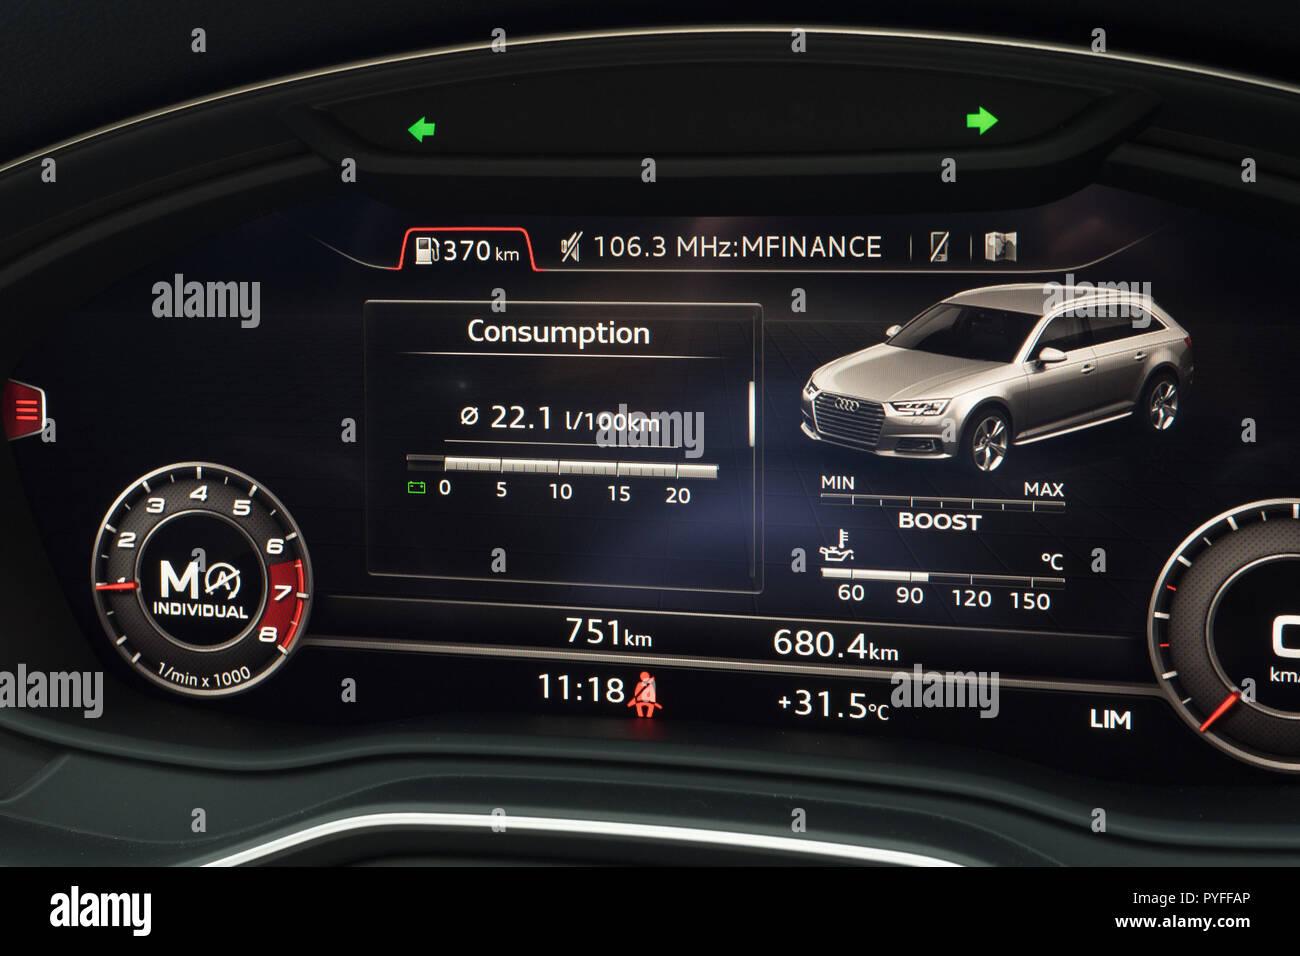 Hong Kong China May 14 2018 Audi Rs4 2018 Dashboard May 14 2018